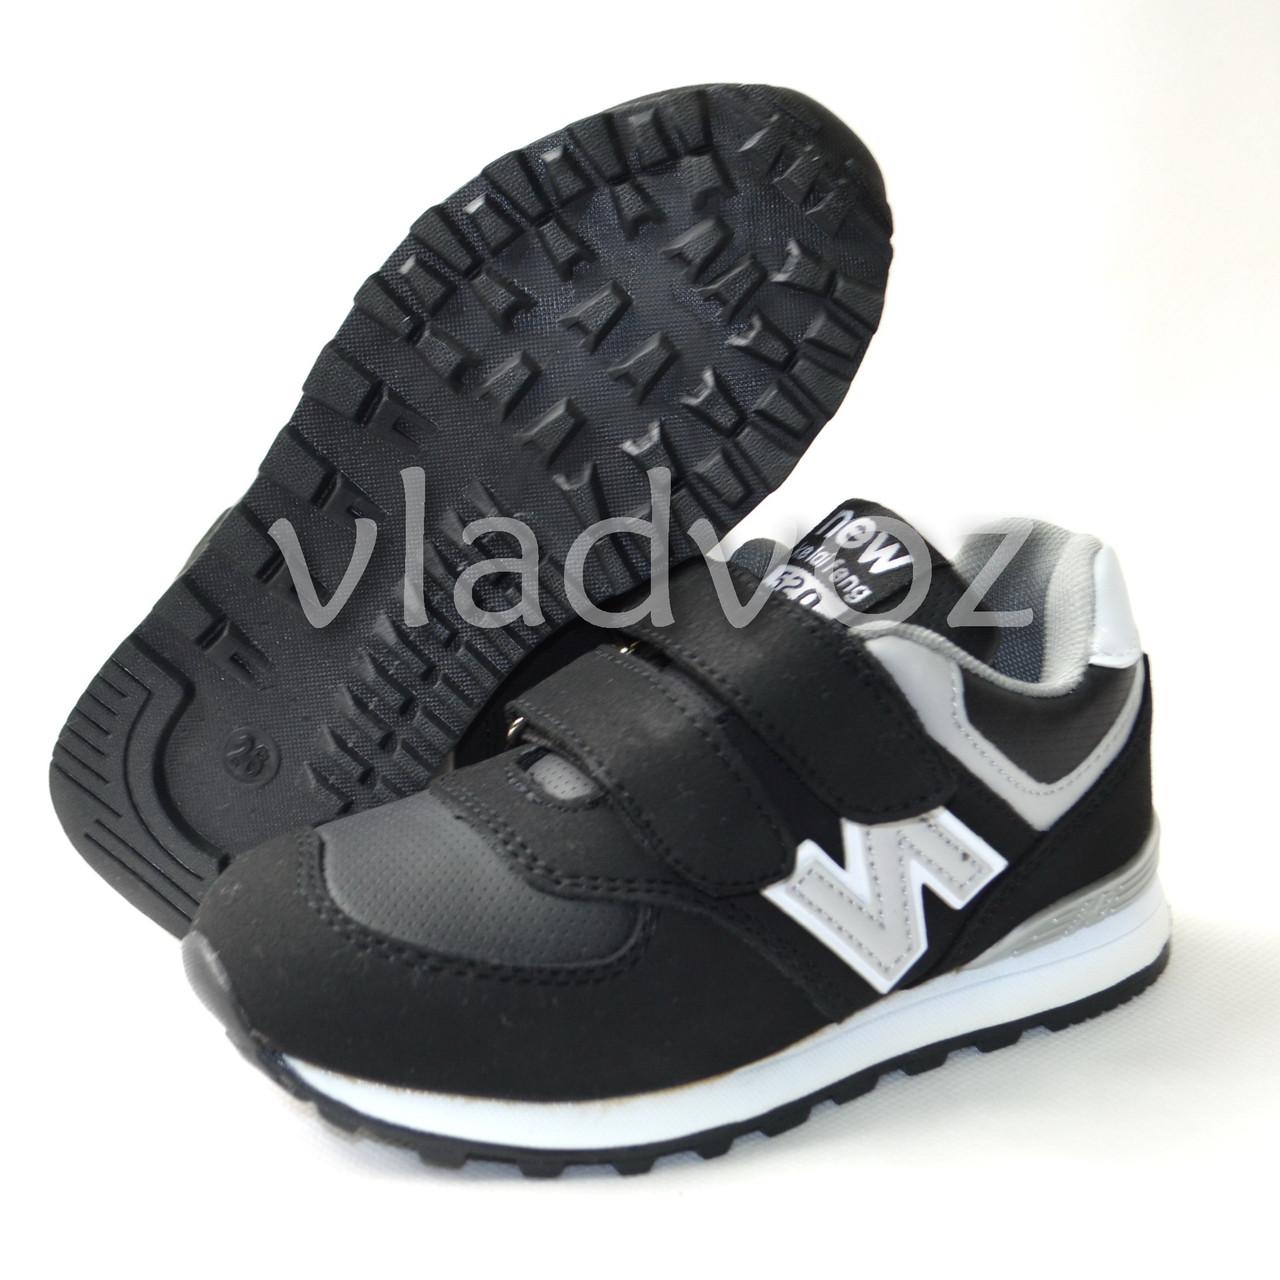 7ecf0d5c Детские кроссовки для мальчика две липучки чёрная модель Z Kelaifeng 29р. -  ☎ VIBER 0977864700